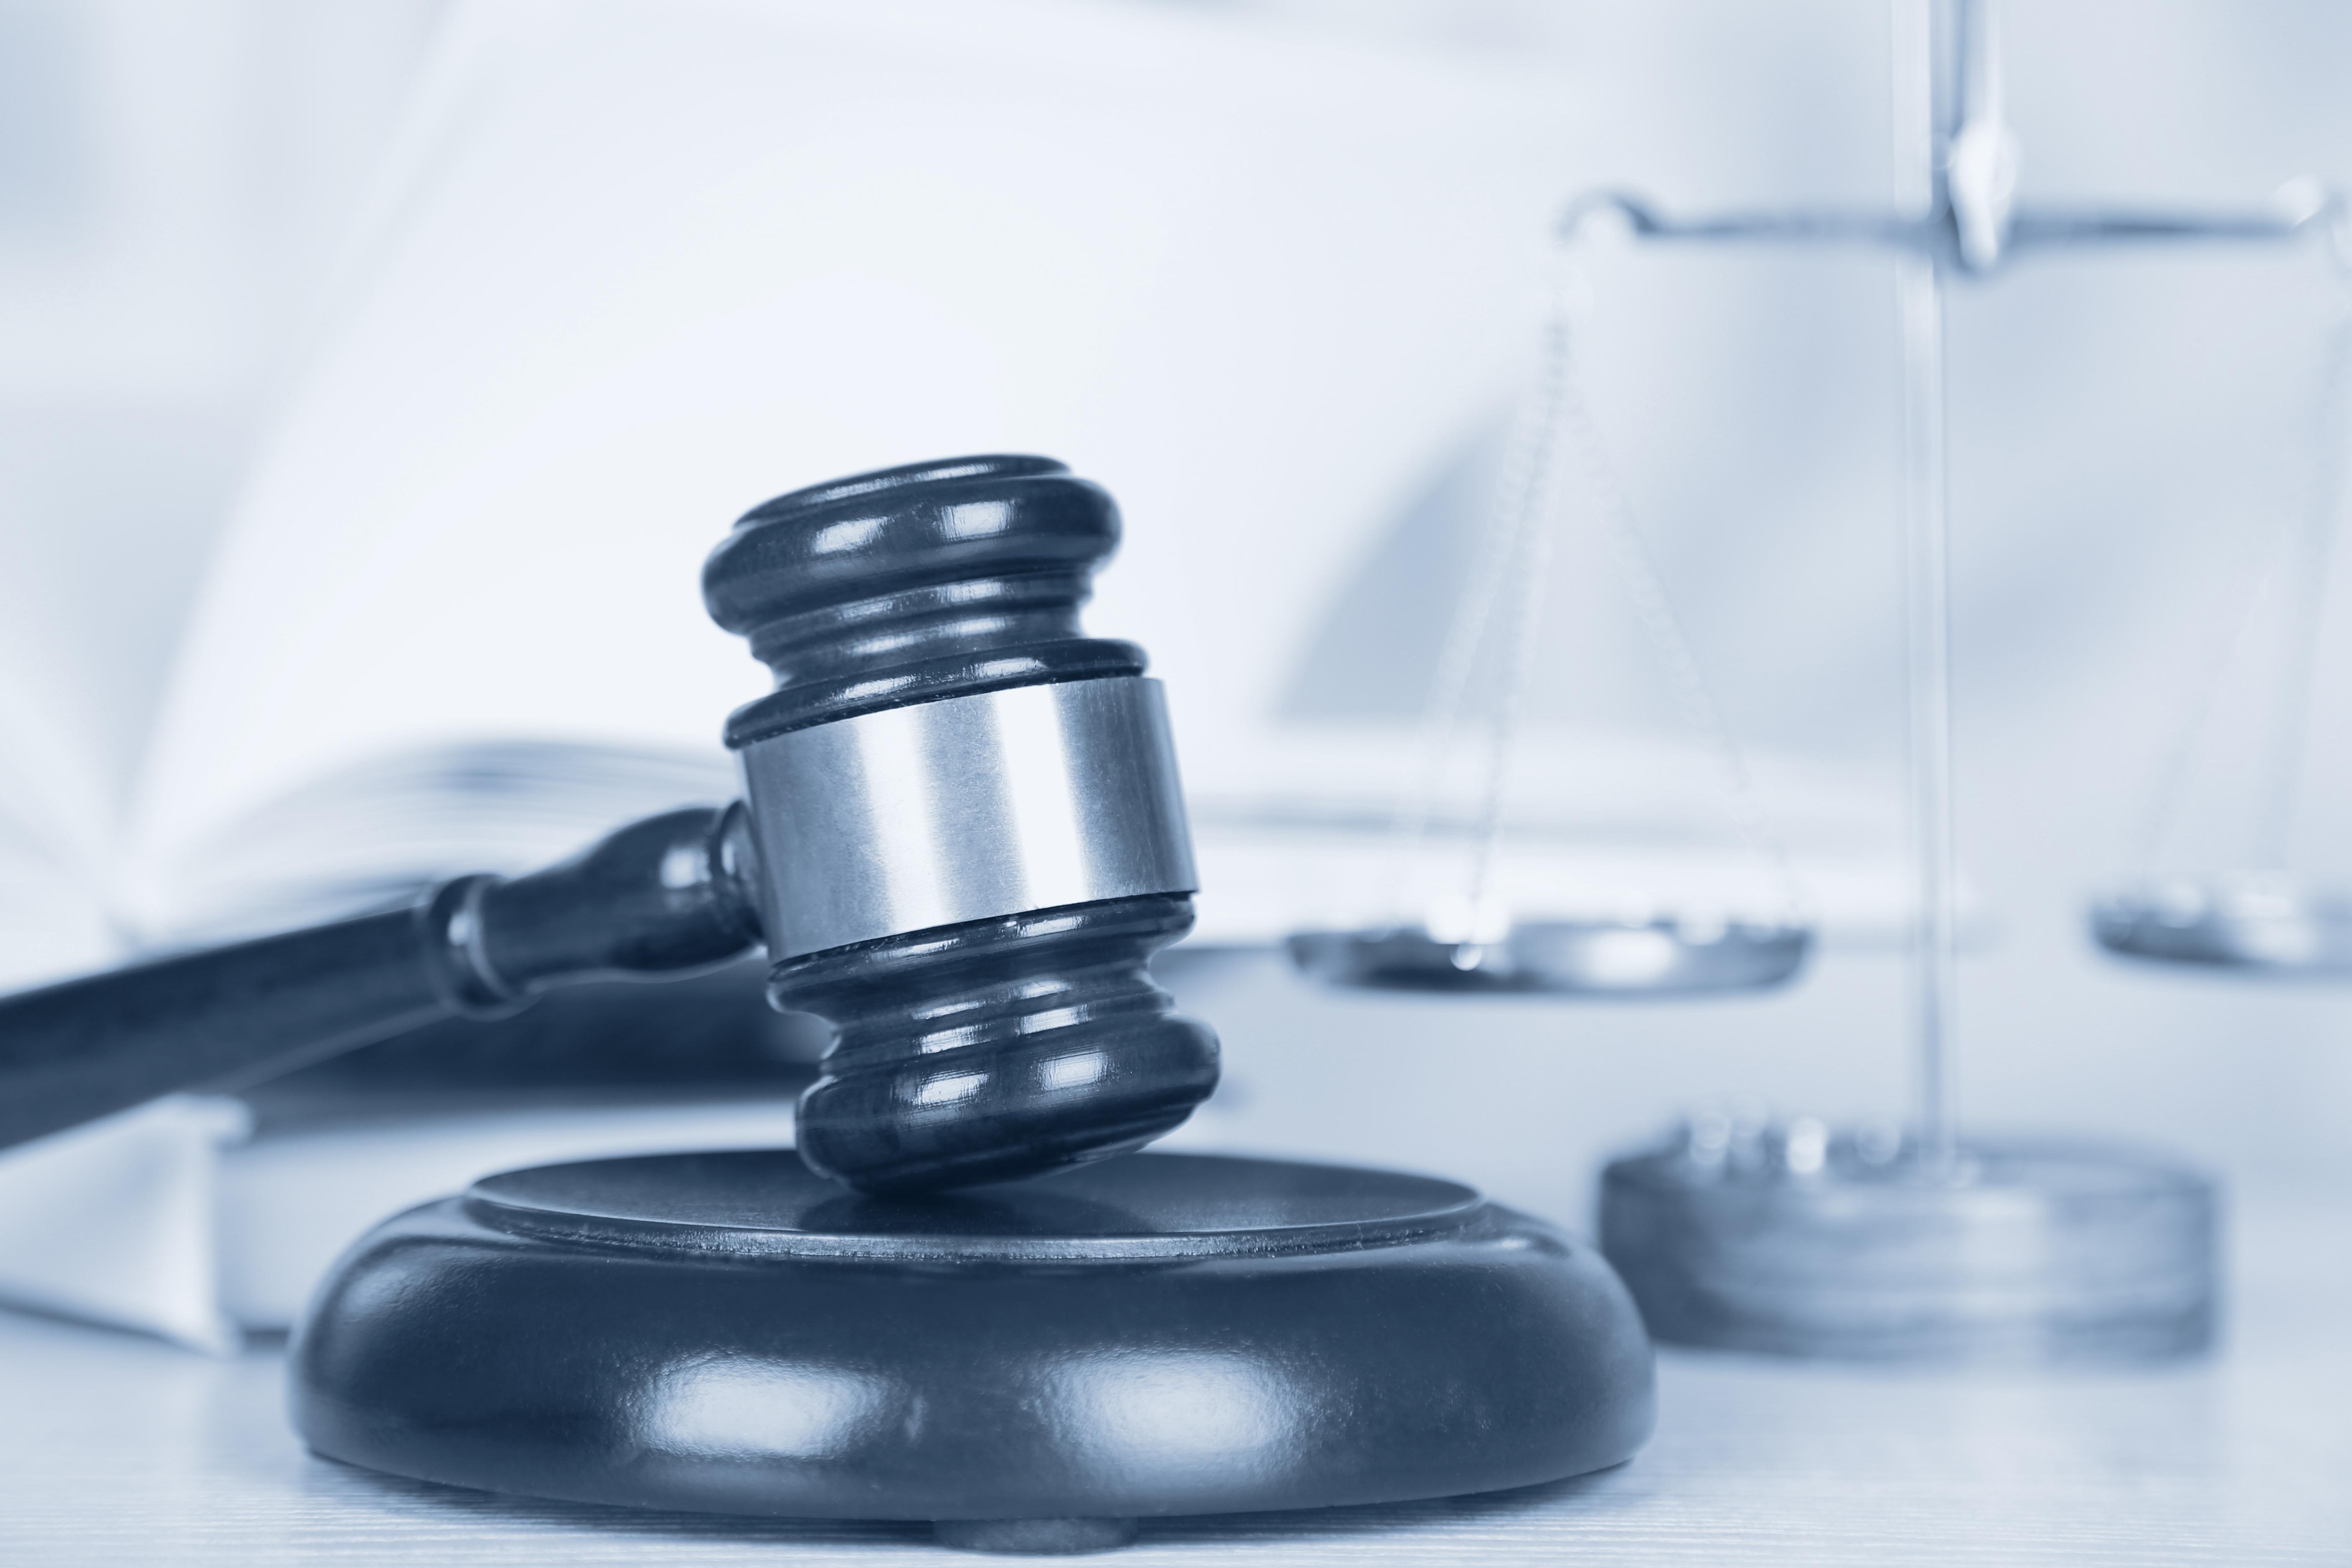 Ομοσπονδία Δικαστικών Επιμελητών: Διευκρινίσεις για πλειστηριασμούς, κατασχέσεις, προθεσμίες